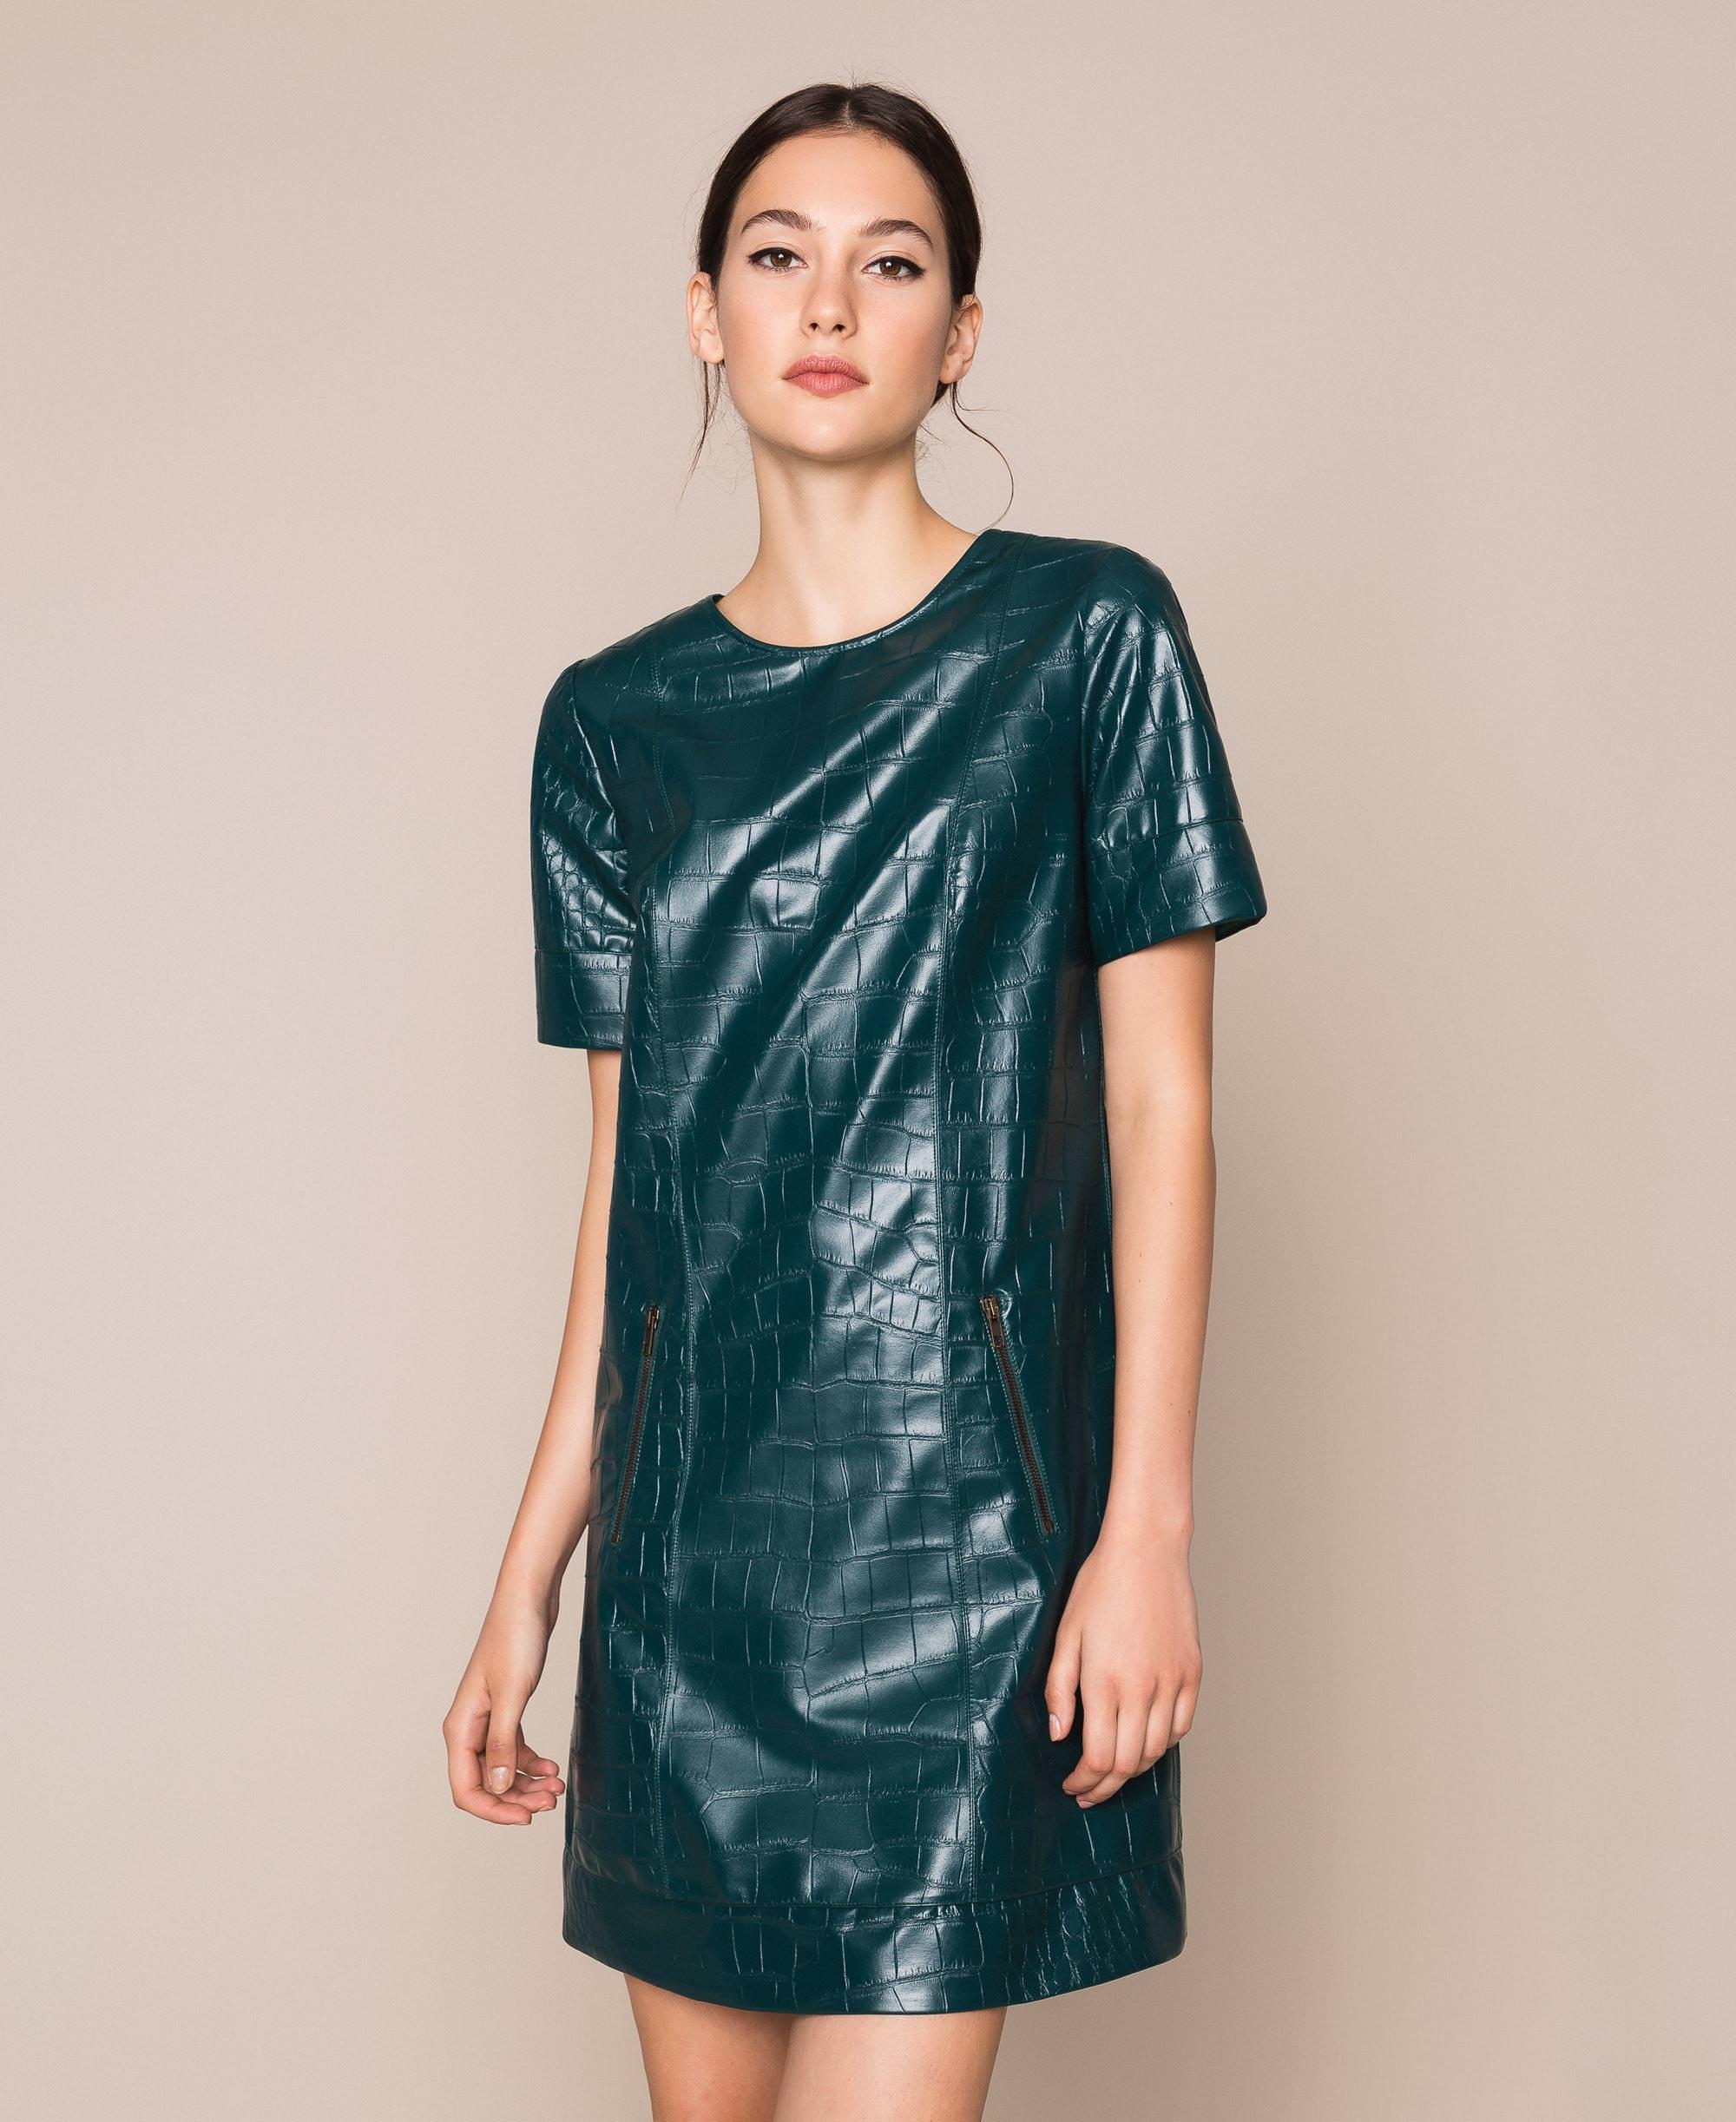 Kleid Aus Lederimitat Mit Krokoprägung Frau, Grün